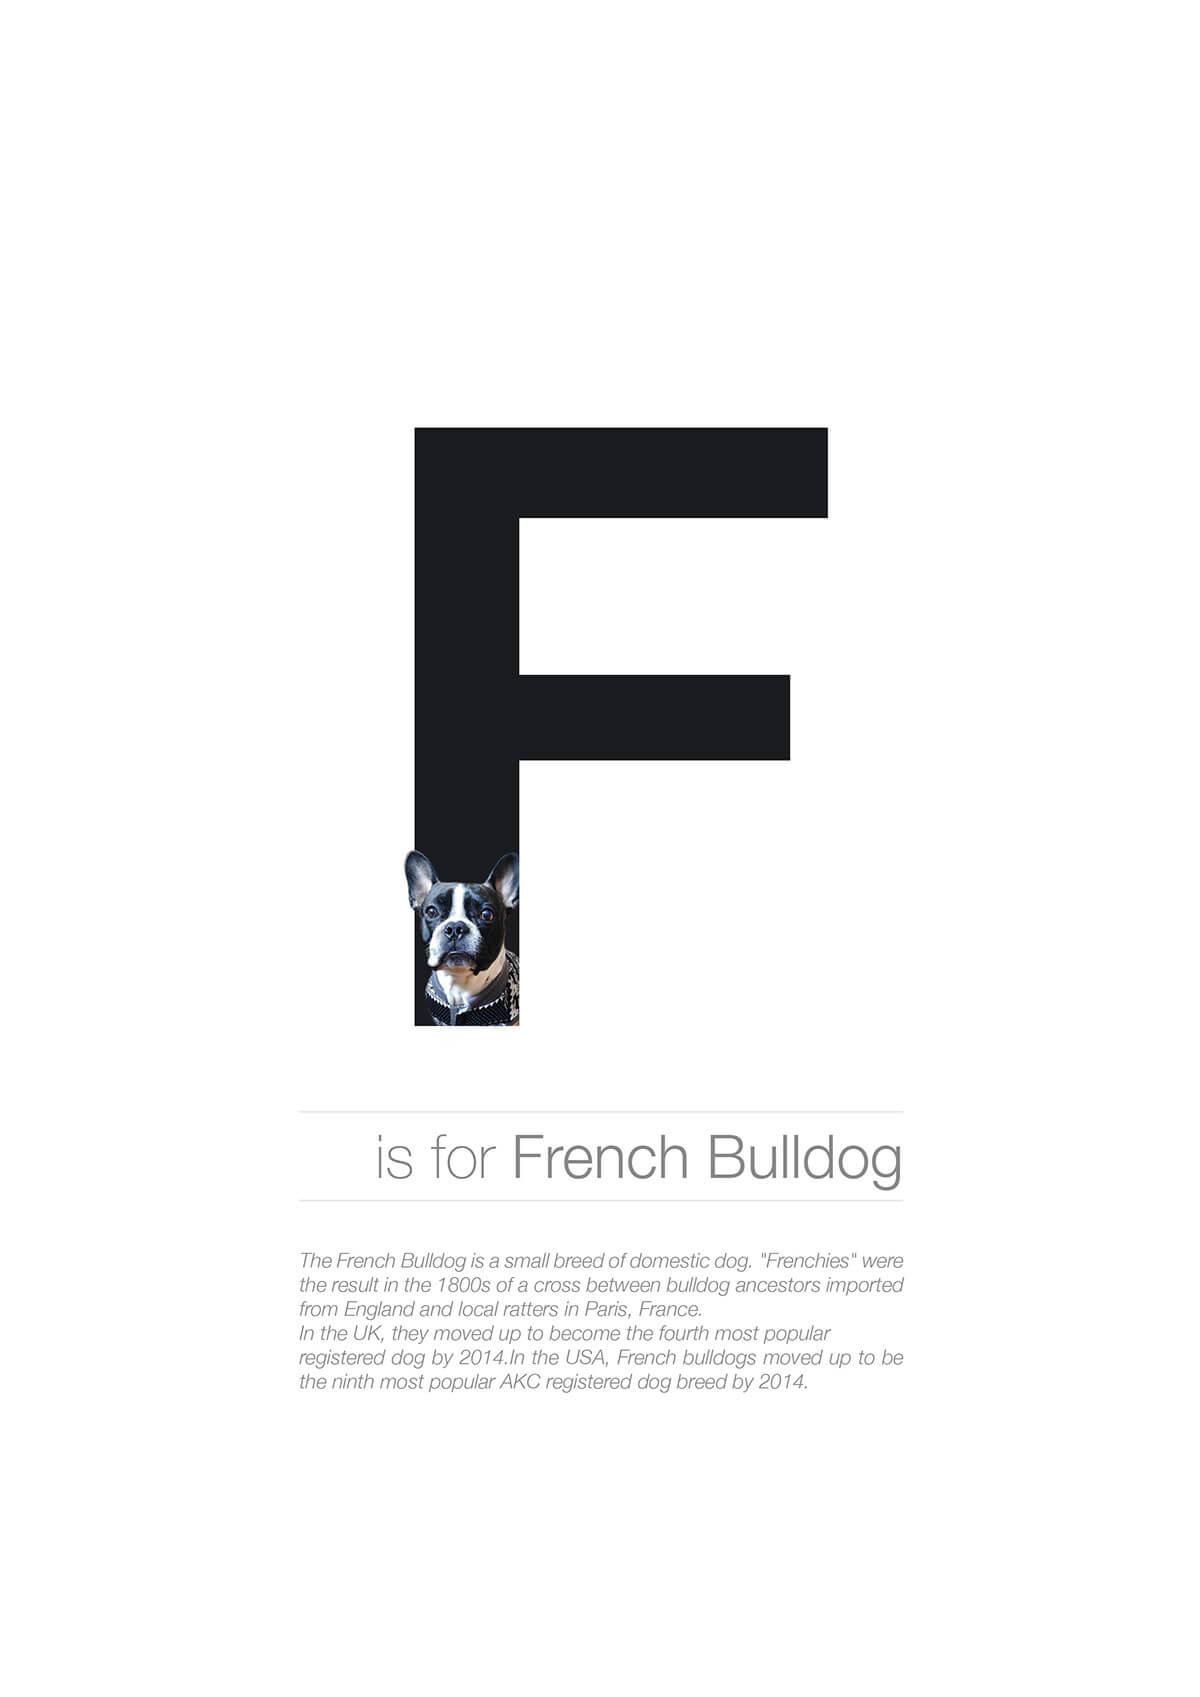 F ตัวอักษรกราฟฟิค A Z สายพันธุ์หมาไอเดียน่ารักจากดีไซน์เนอร์โรมาเนีย